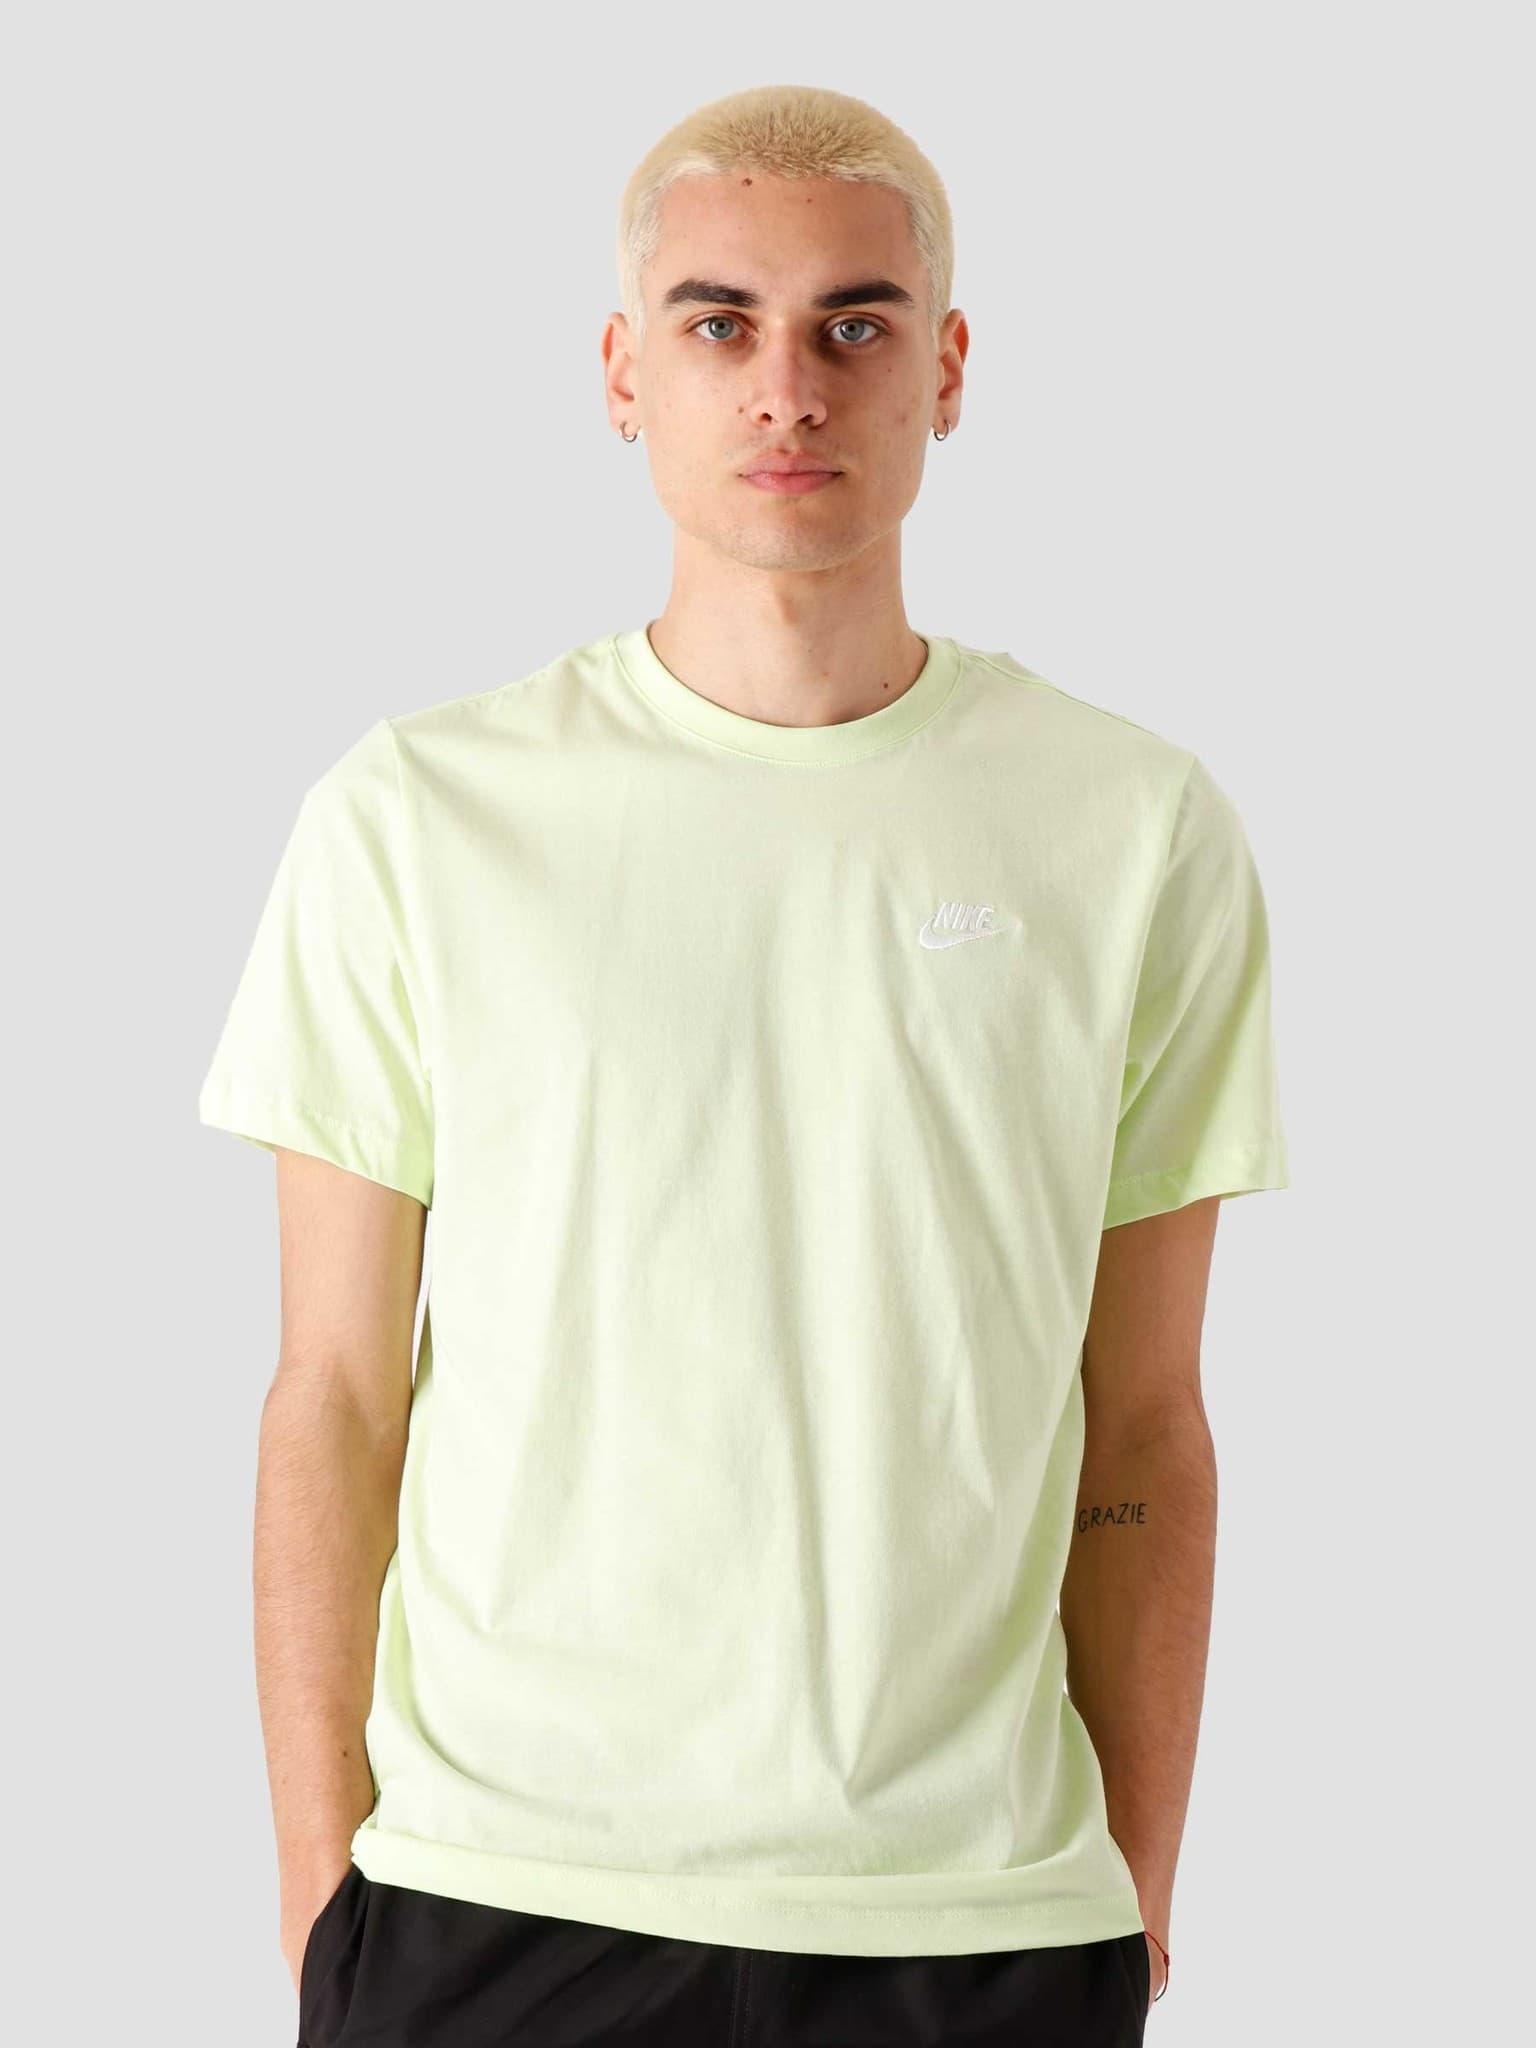 NSW Club T-Shirt Lt Liquid Lime White AR4997-383